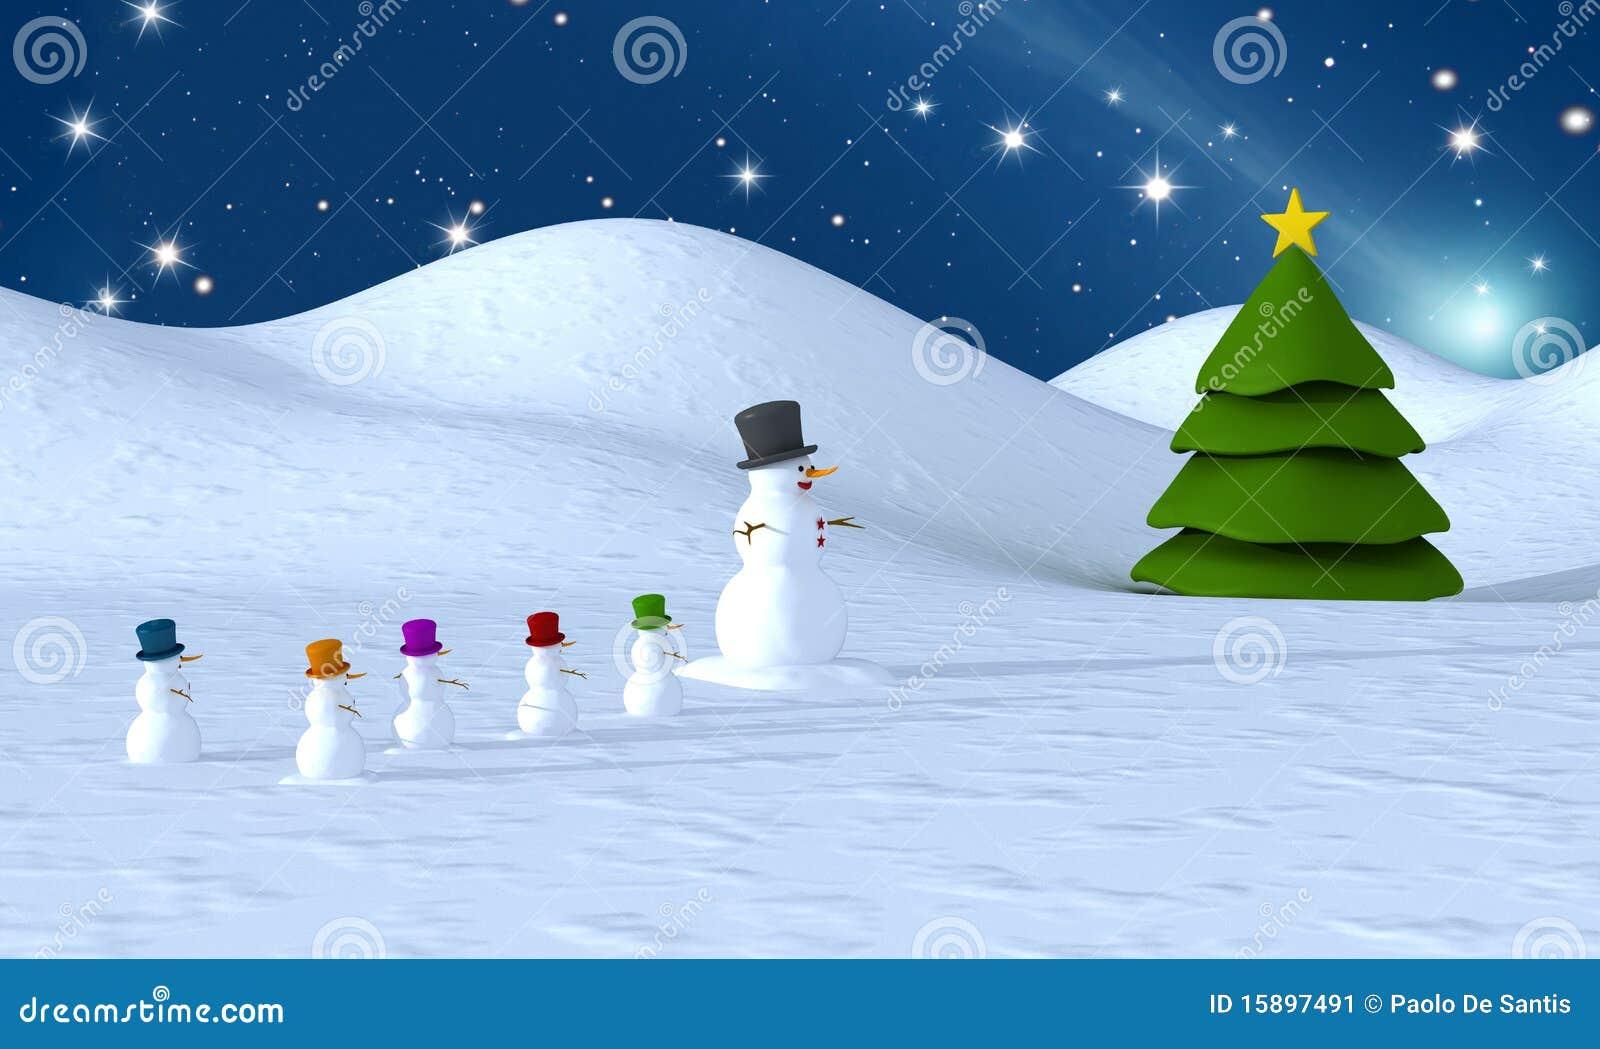 Familia y rbol de navidad del mu eco de nieve imagen de - Arbol navidad nieve ...